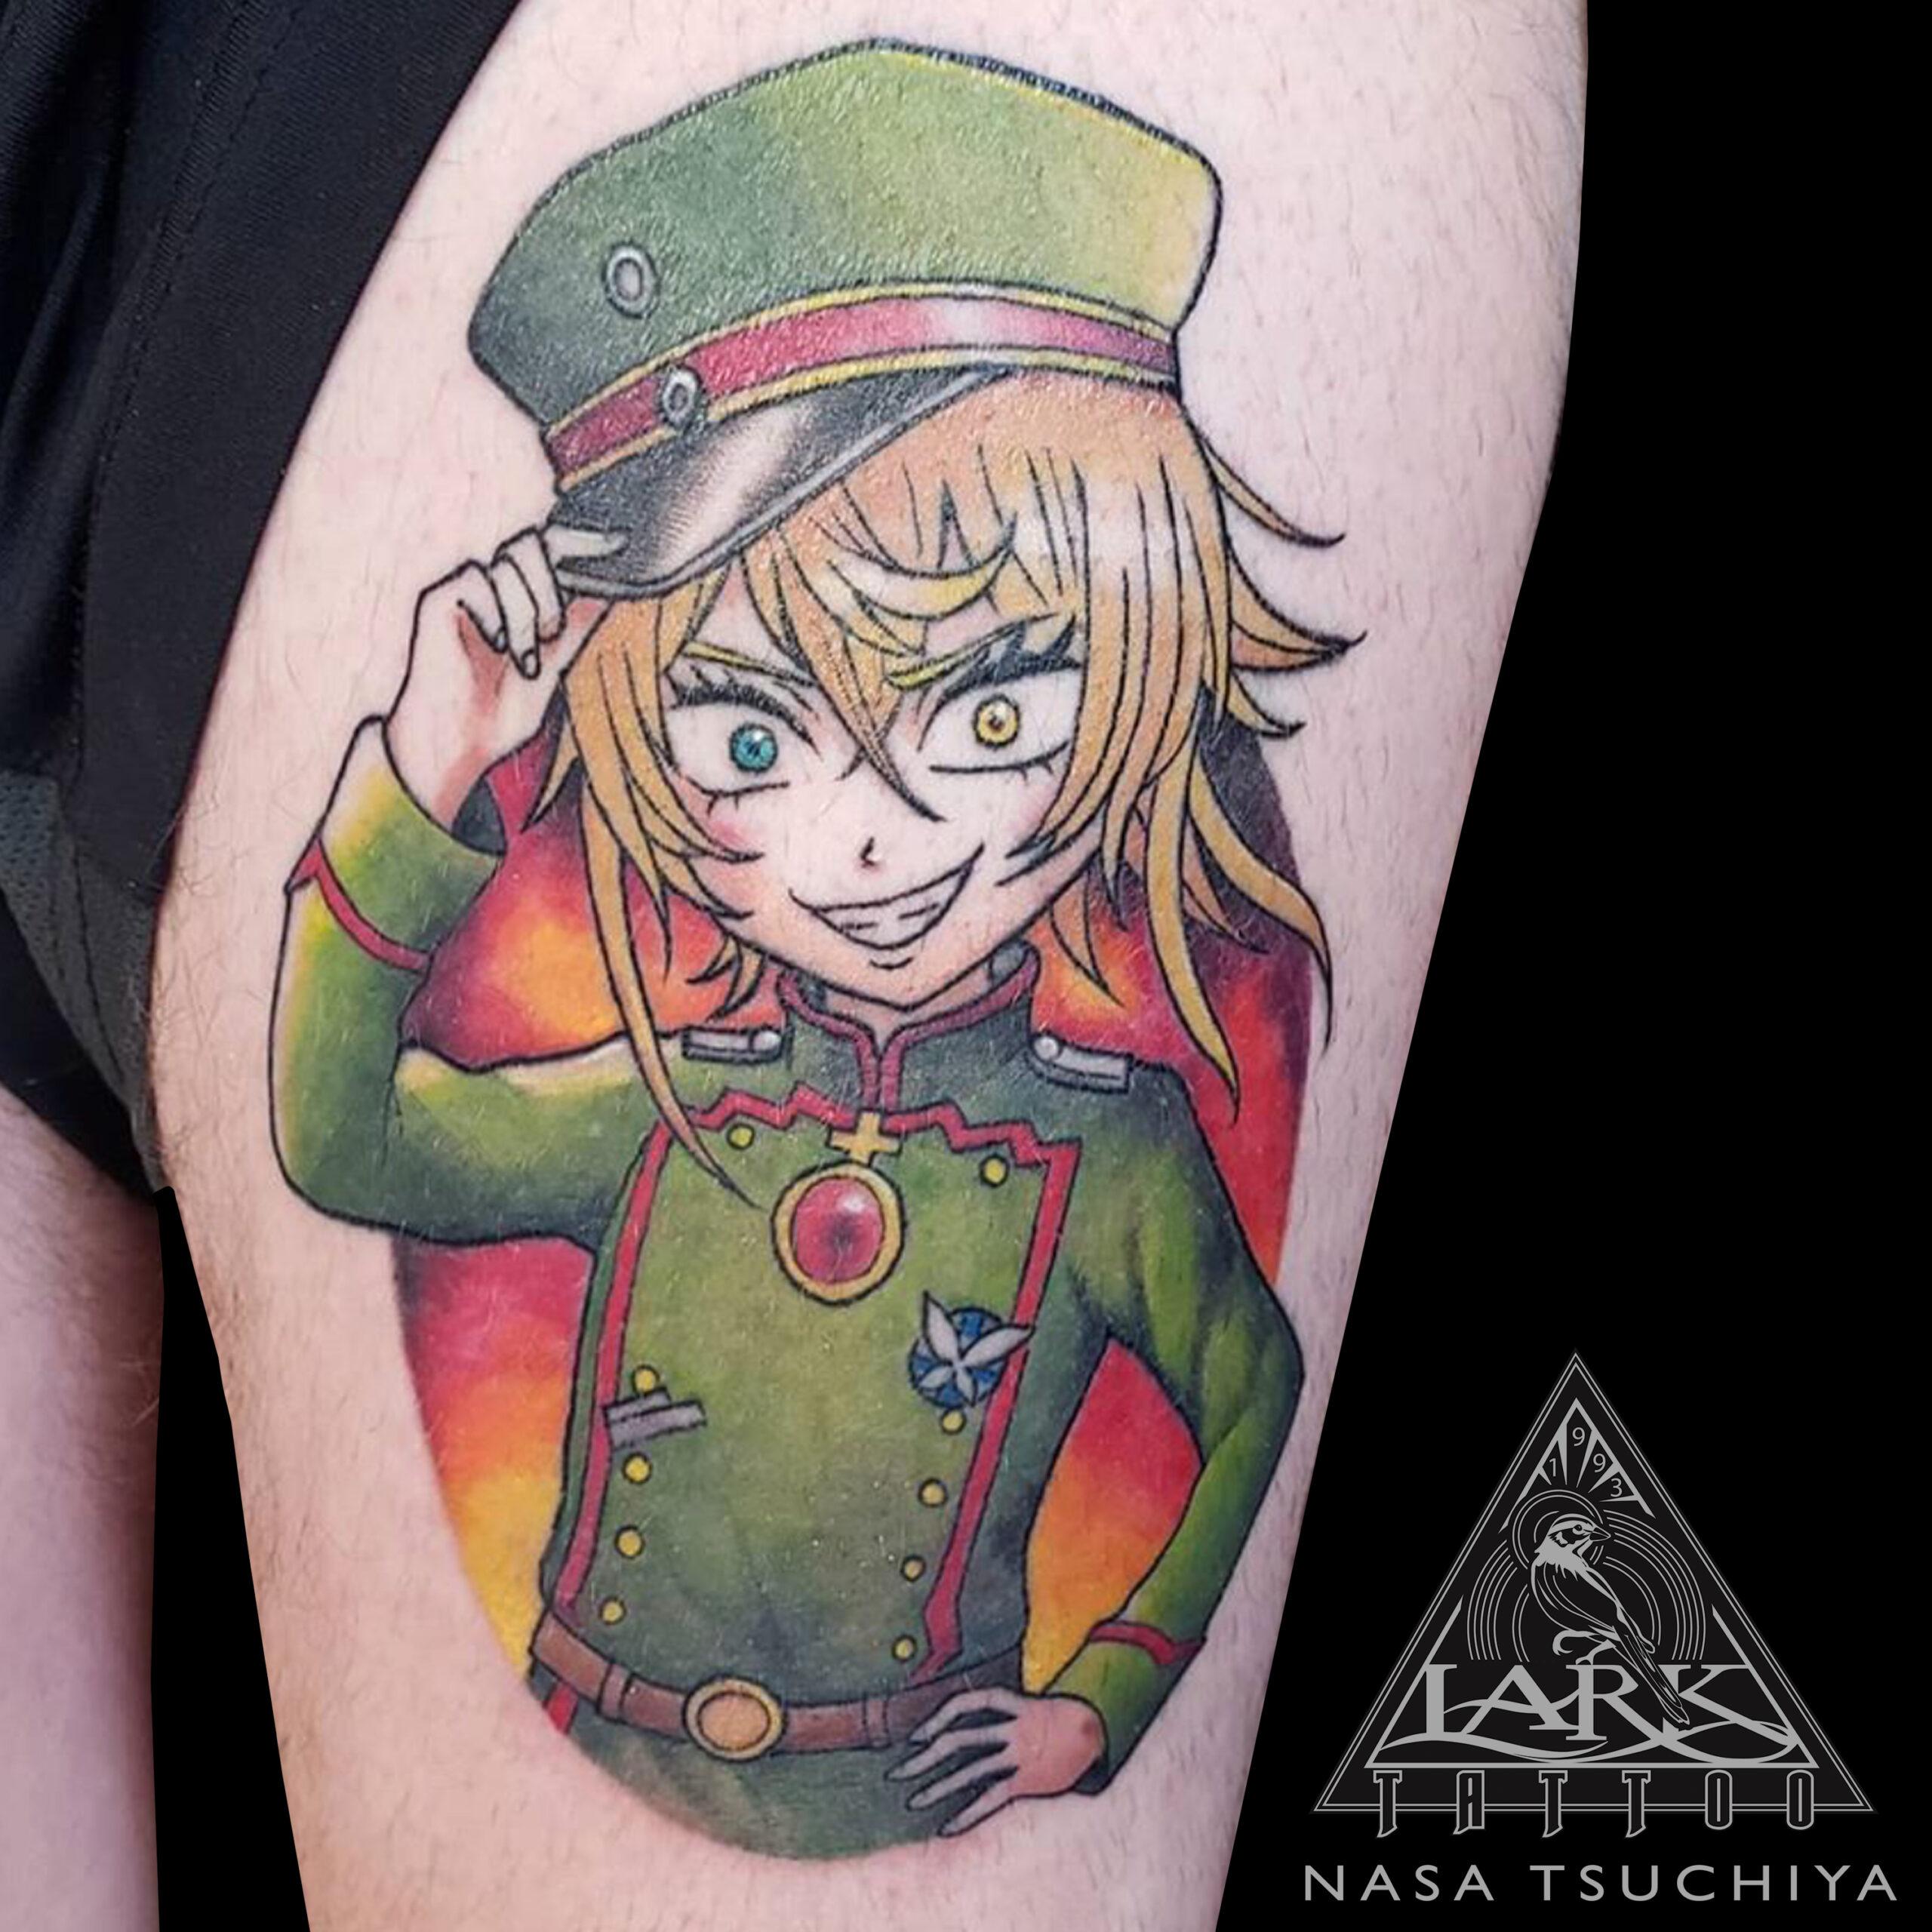 NasaTsuchiya, LarkTattoo, Tattoo, Tattoos , TattooArtist, Tattoist, Tattooer, LongIslandTattooArtist, LongIslandTattooer, LongIslandTattoo, TattooOfTheDay, Tat, Tats, Tatts, Tatted, Inked, Ink, TattooInk, AmazingInk, AmazingTattoo, BodyArt, LarkTattooWestbury, Westbury, LongIsland, NY, NewYork, USA, Art, Tattedup, InkedUp, LarkTattoos, 幼女戦記, 幼女戦記Tattoo, TheSagaOfTanyaTheEvil, TheSagaOfTanyaTheEvilTattoo, SagaOfTanyaTheEvil, SagaOfTanyaTheEvilTattoo, ColorTattoo, FemaleTattooer, FemaleArtist, LadyTattooer, TanyaTheEvil, TanyaTheEvilTattoo, Anime, AnimeLover , AnimeTattoo, Otaku, OtakuTattoo, OtakuTattooer, Tanyadegurechaff, YojoSenki, YojoSenkiTattoo, YōjoSenki, YōjoSenkiTattoo, CarloZen, ShinobuShinotsuki, Japanese, JapaneseTattoo, JapaneseCartoon, JapaneseCartoonTattoo #JapaneseAnime, JapaneseAnimeTattoo, AoiYūki, MonicaRial, Manga, MangaTattoo